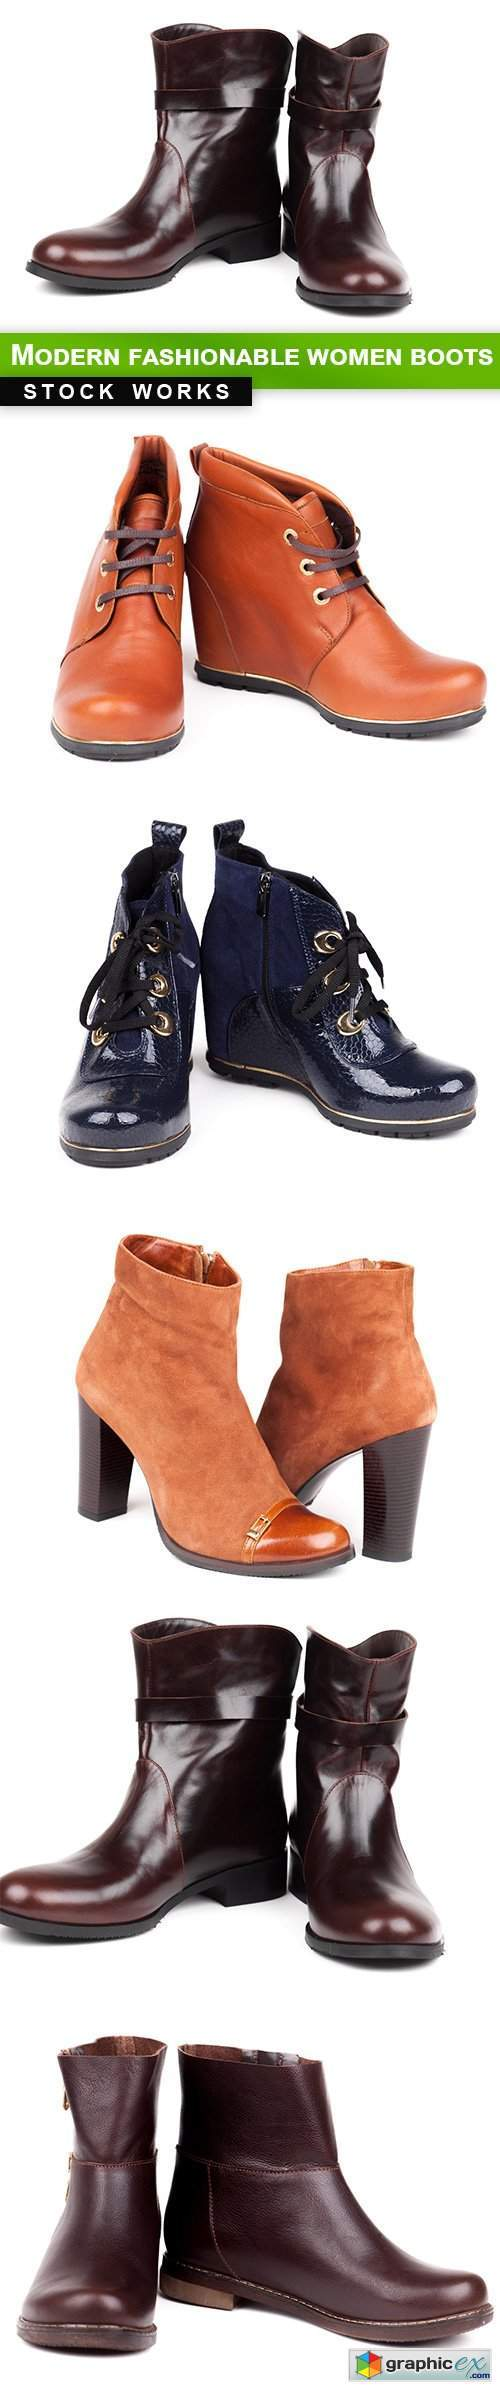 Modern fashionable women boots - 5 UHQ JPEG